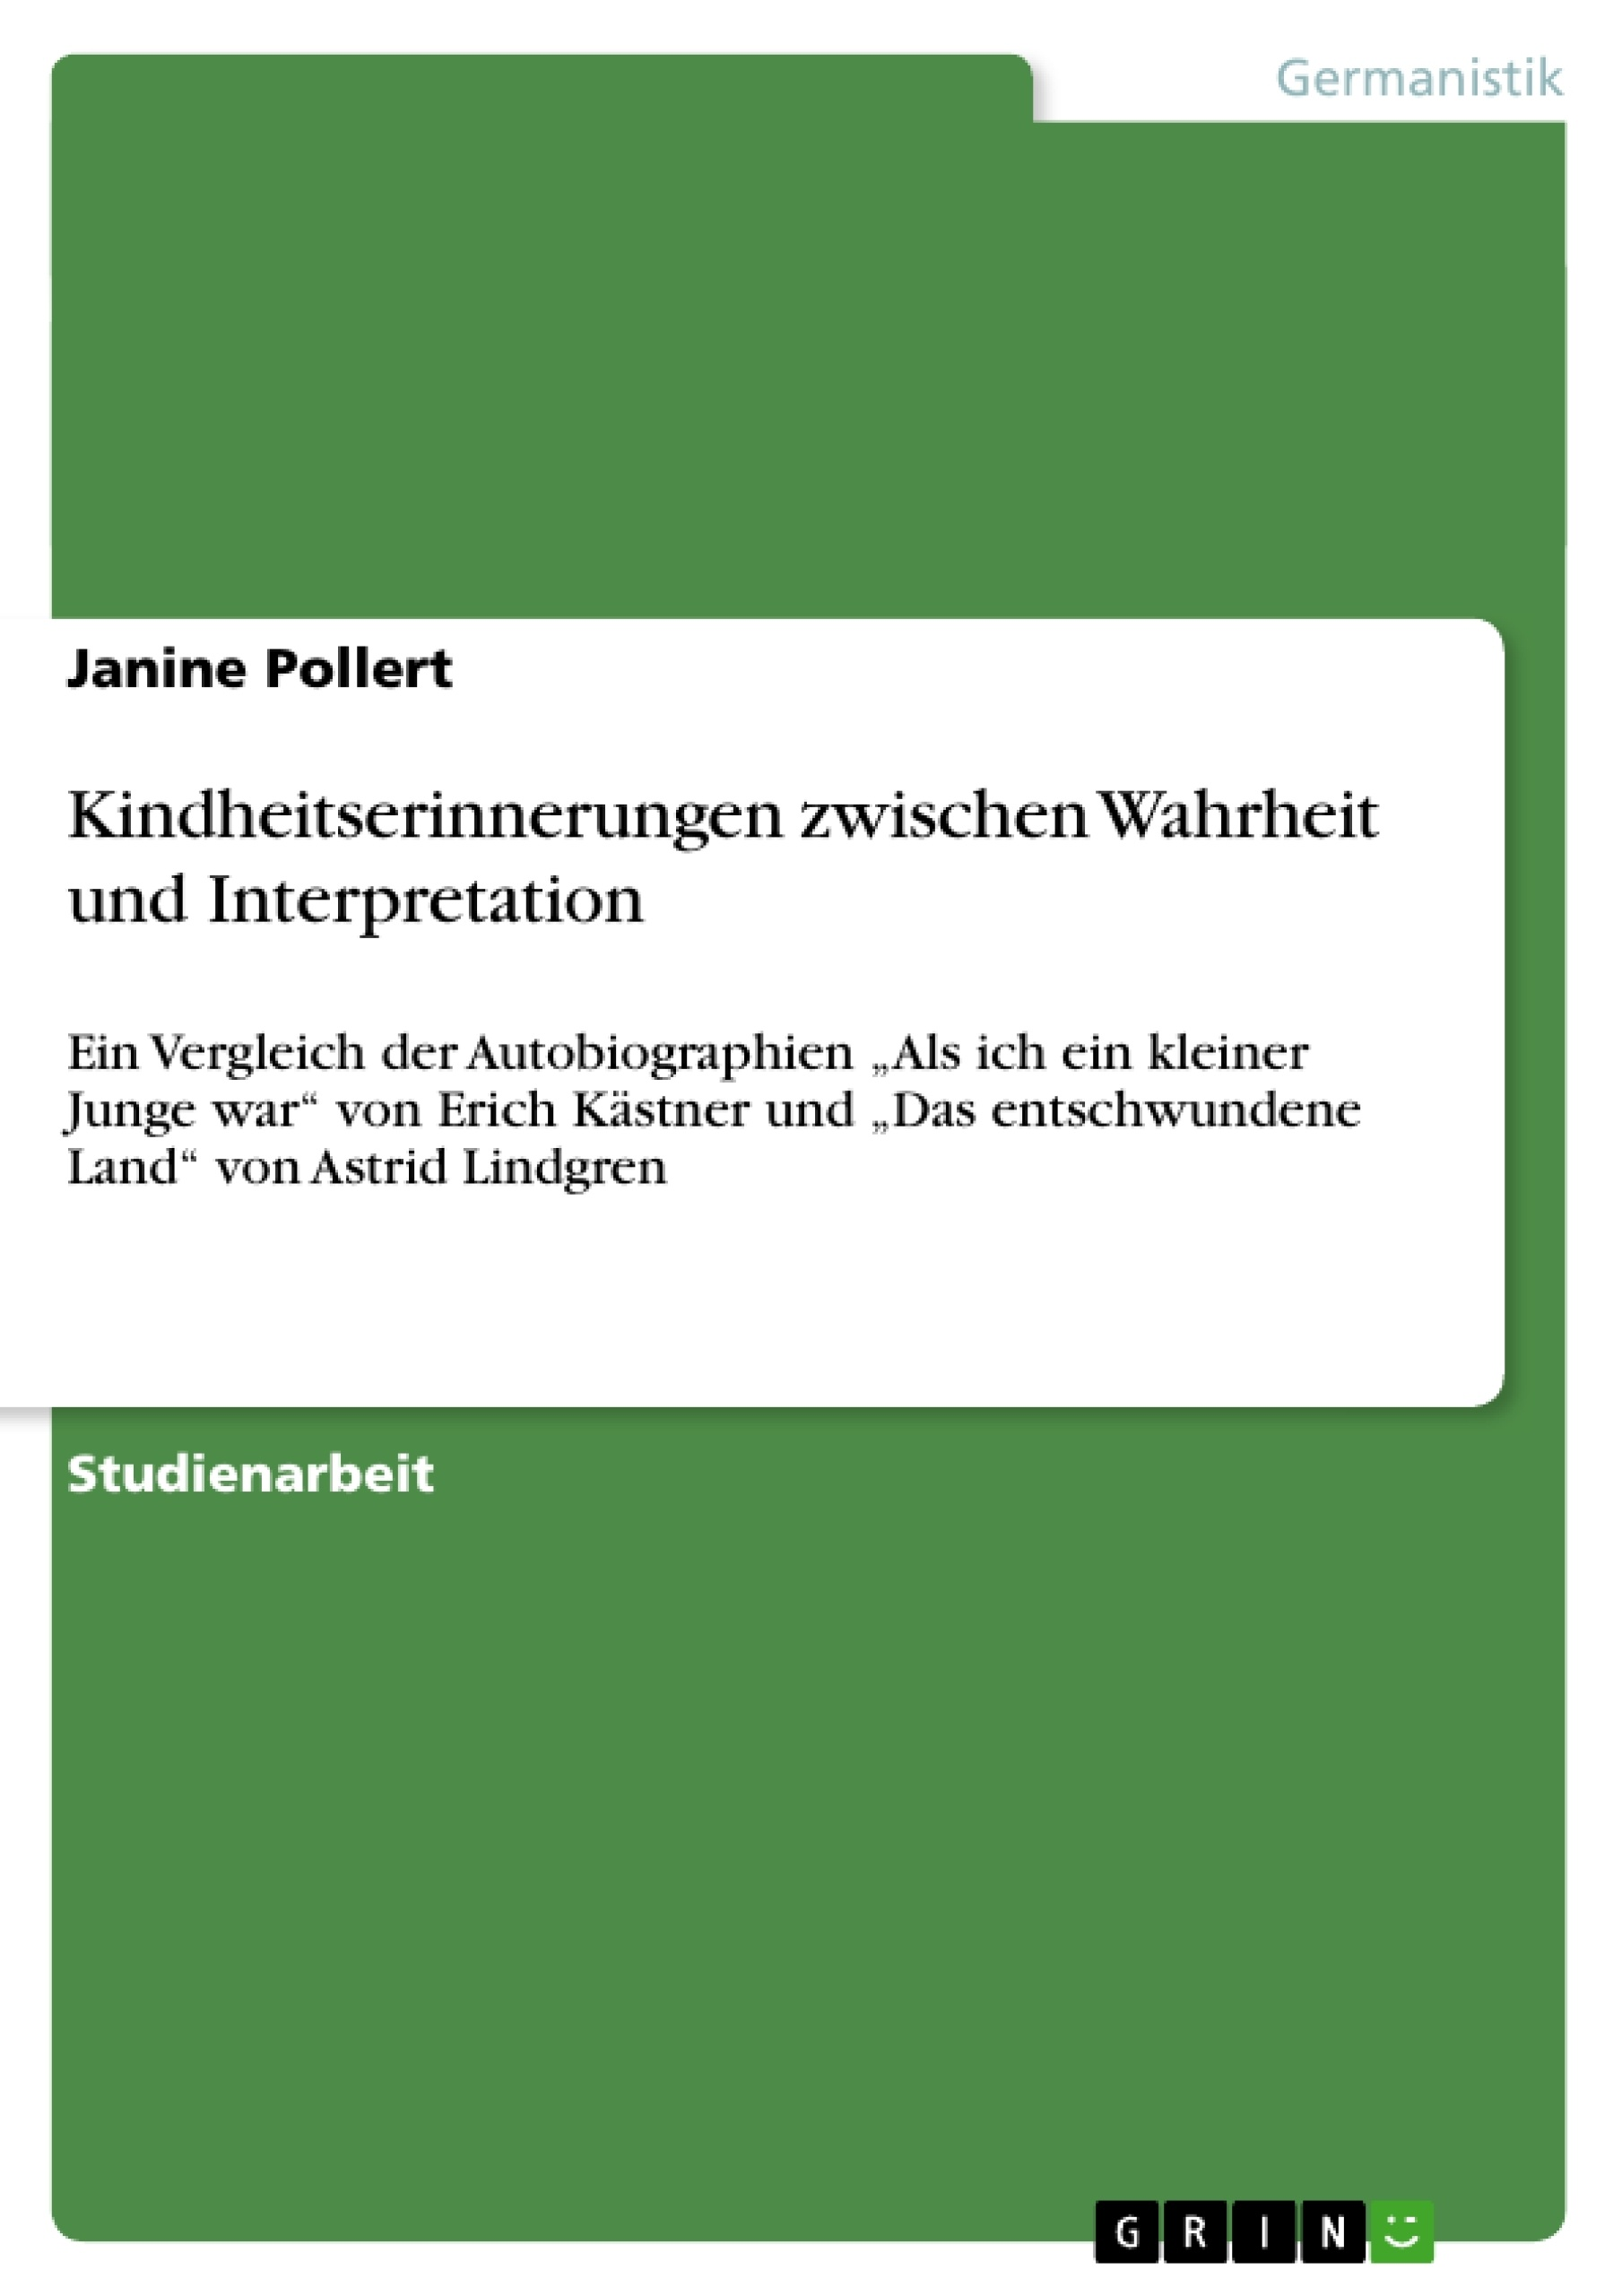 Titel: Kindheitserinnerungen zwischen Wahrheit und Interpretation